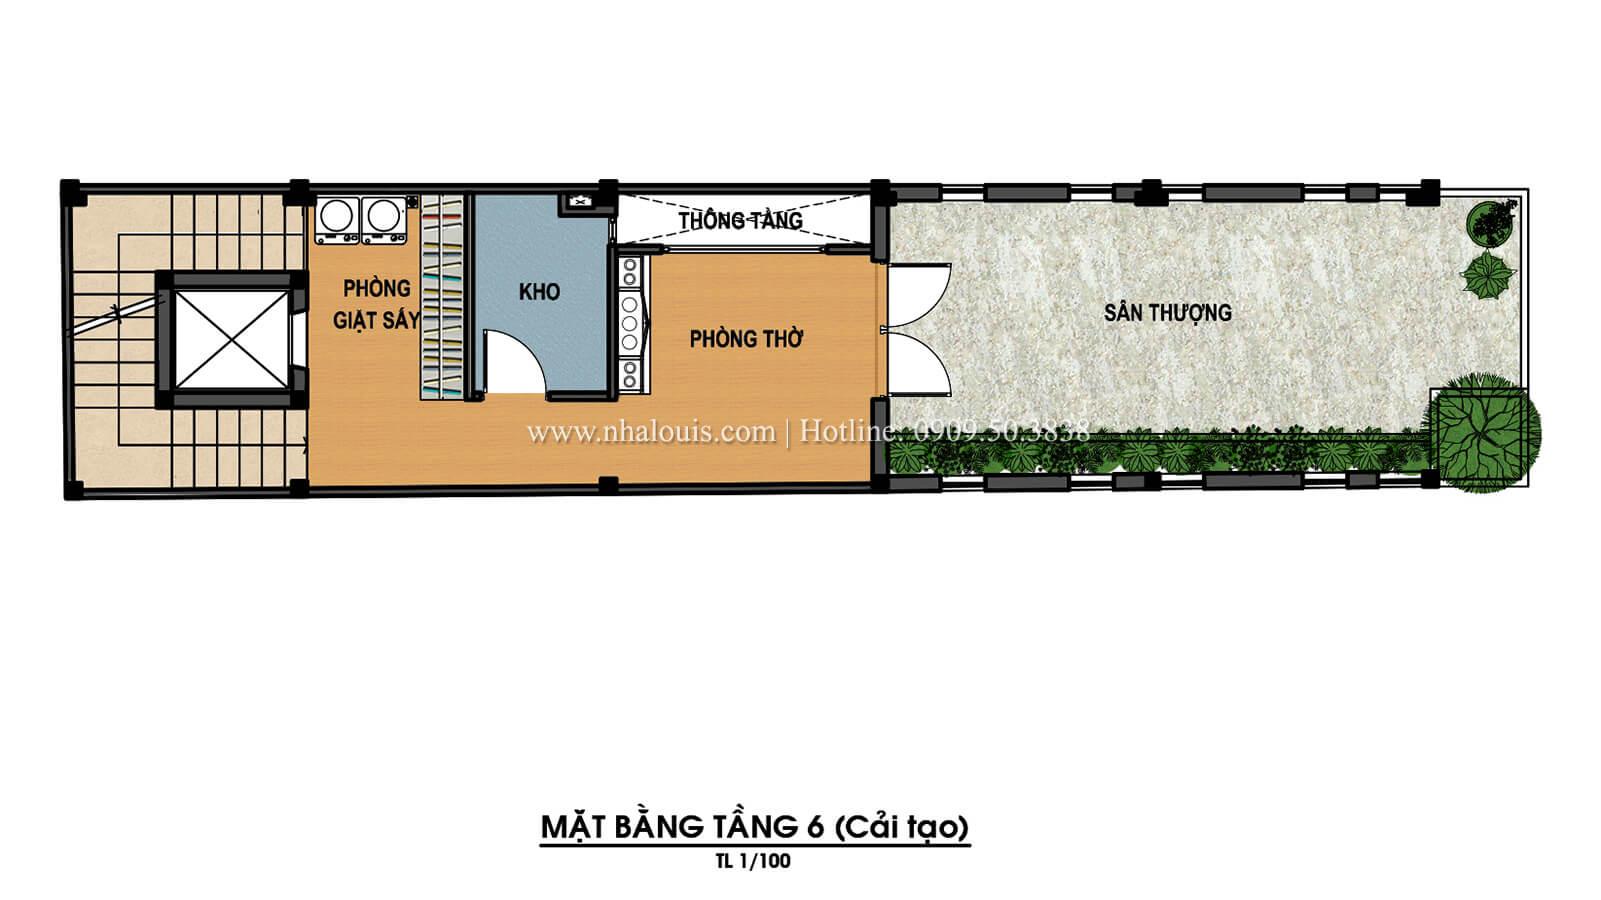 Mặt bằng tầng 6 Thiết kế cải tạo nhà phố 6 tầng chuẩn tinh tế tại Quận 11 - 10